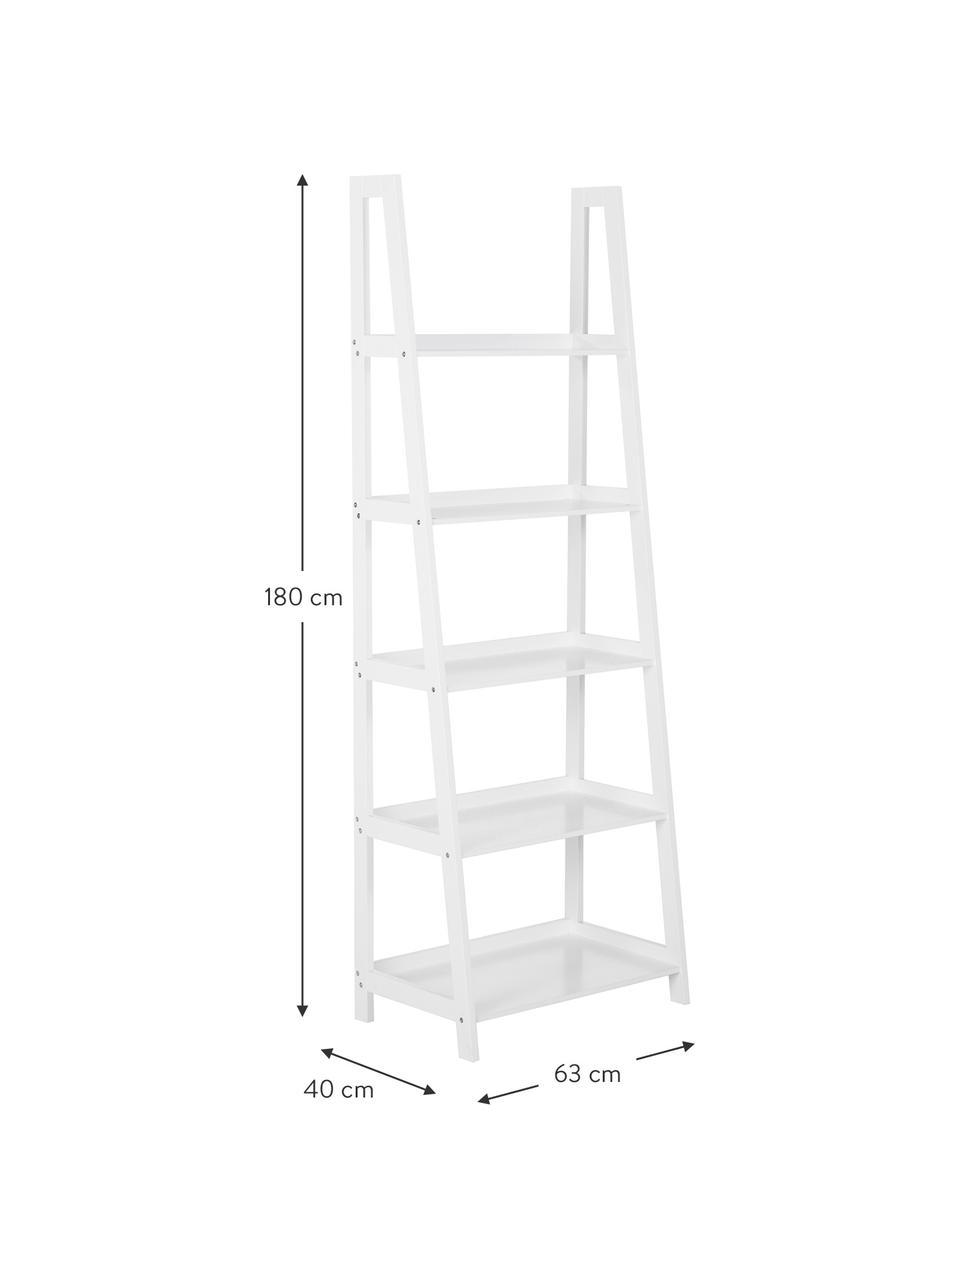 Standregal Wally in Weiß, Mitteldichte Holzfaserplatte (MDF), lackiert, Weiß, hochglanz, 63 x 180 cm